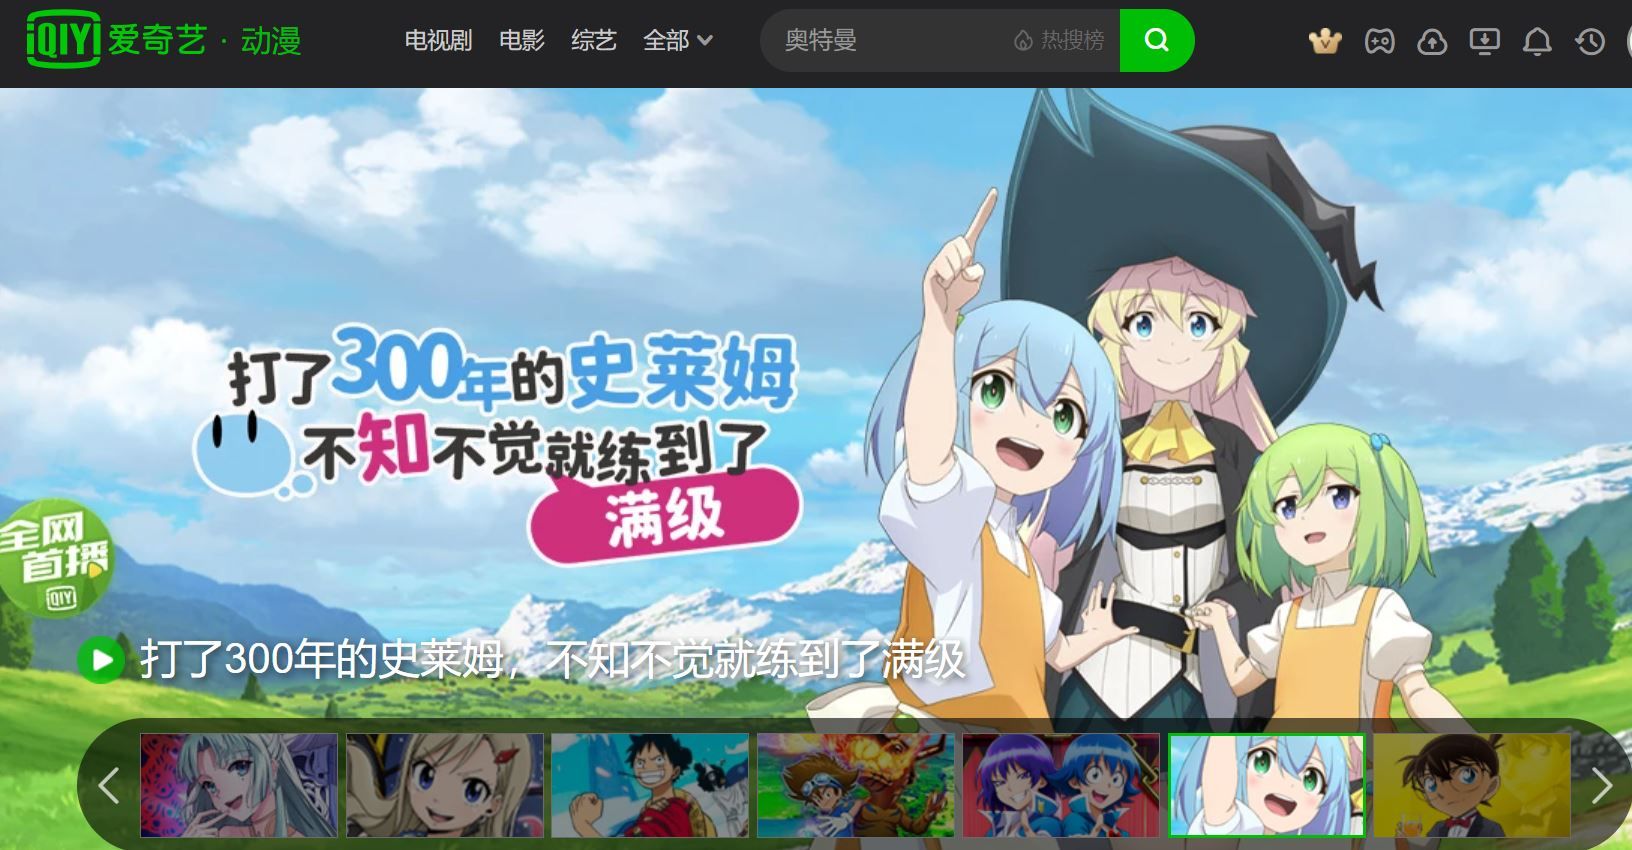 iQIYI Chinese anime online watch